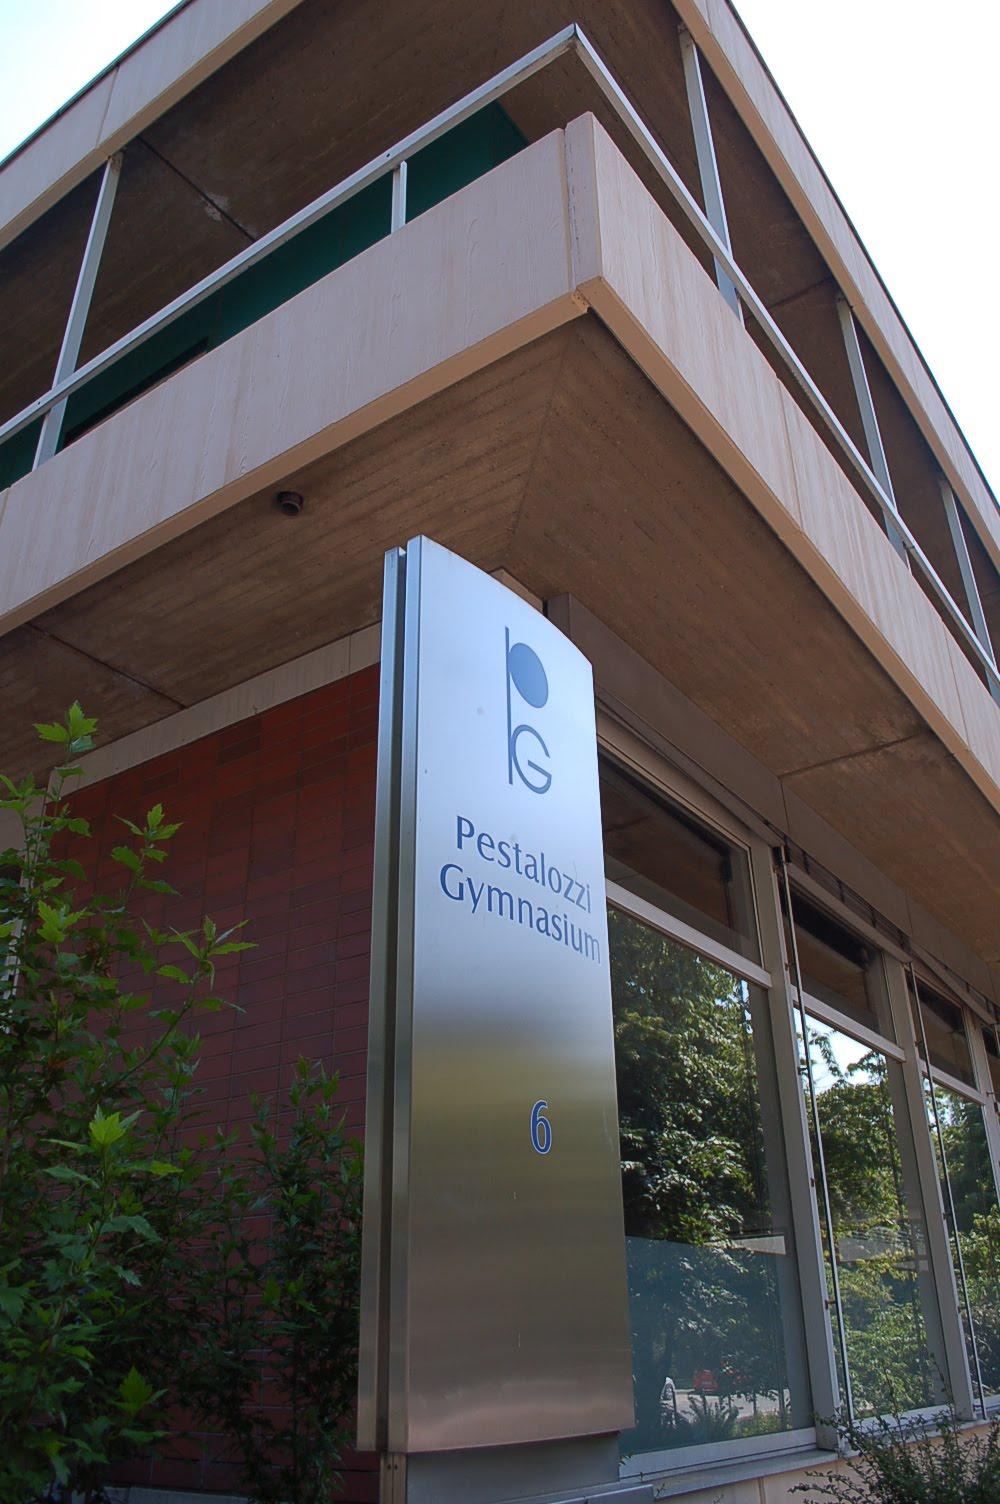 Goethe Institut Essen